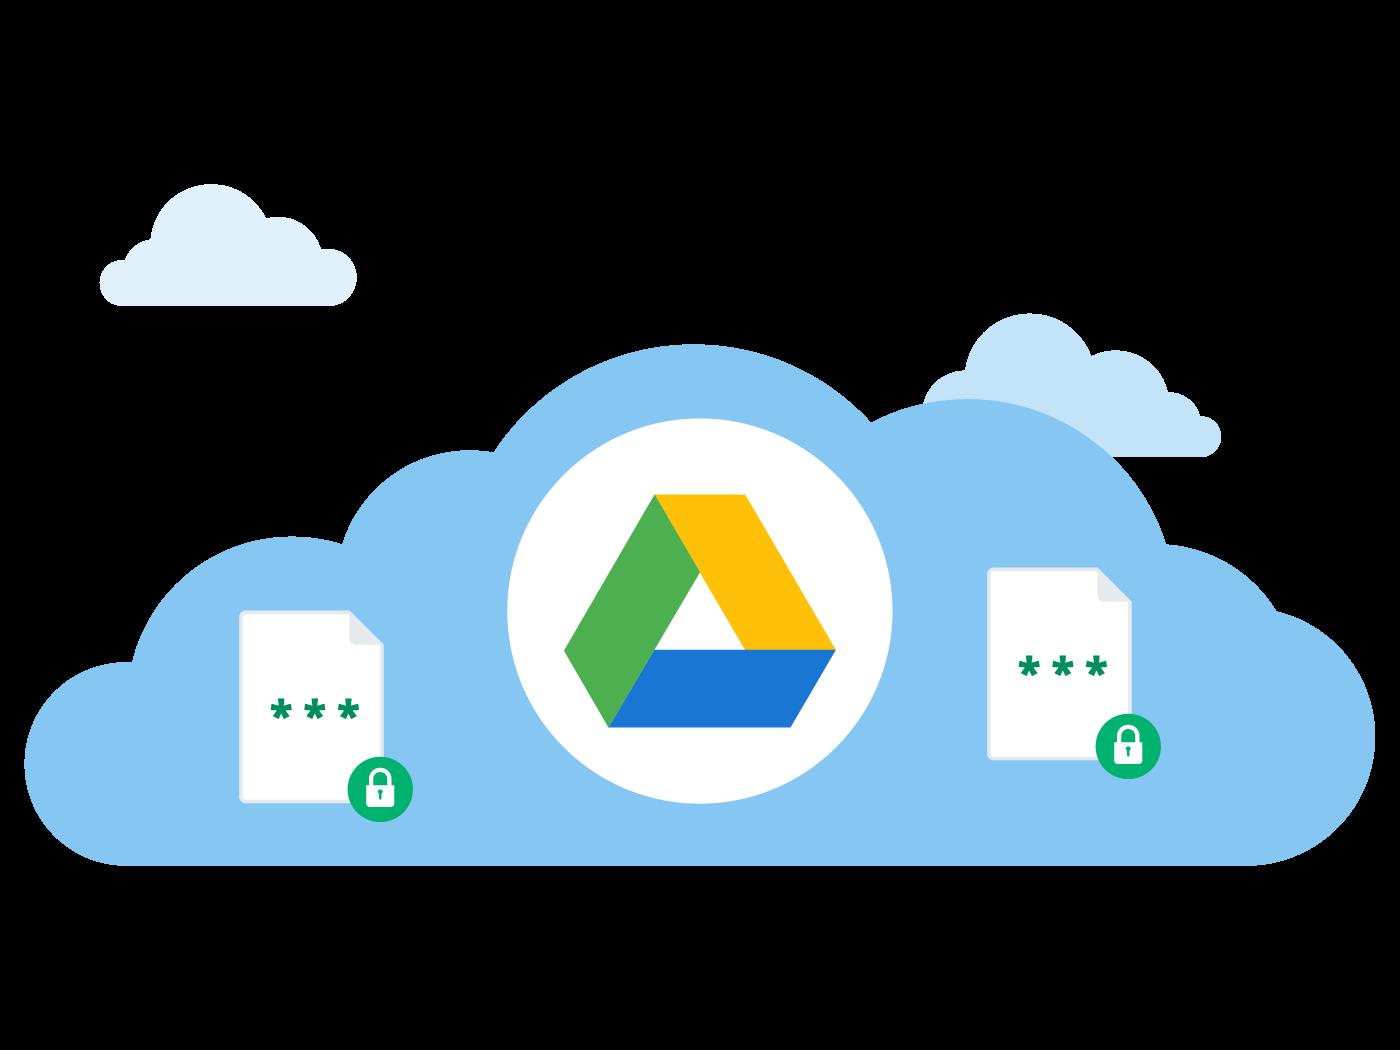 G Suite og Google Drev sikkerhed